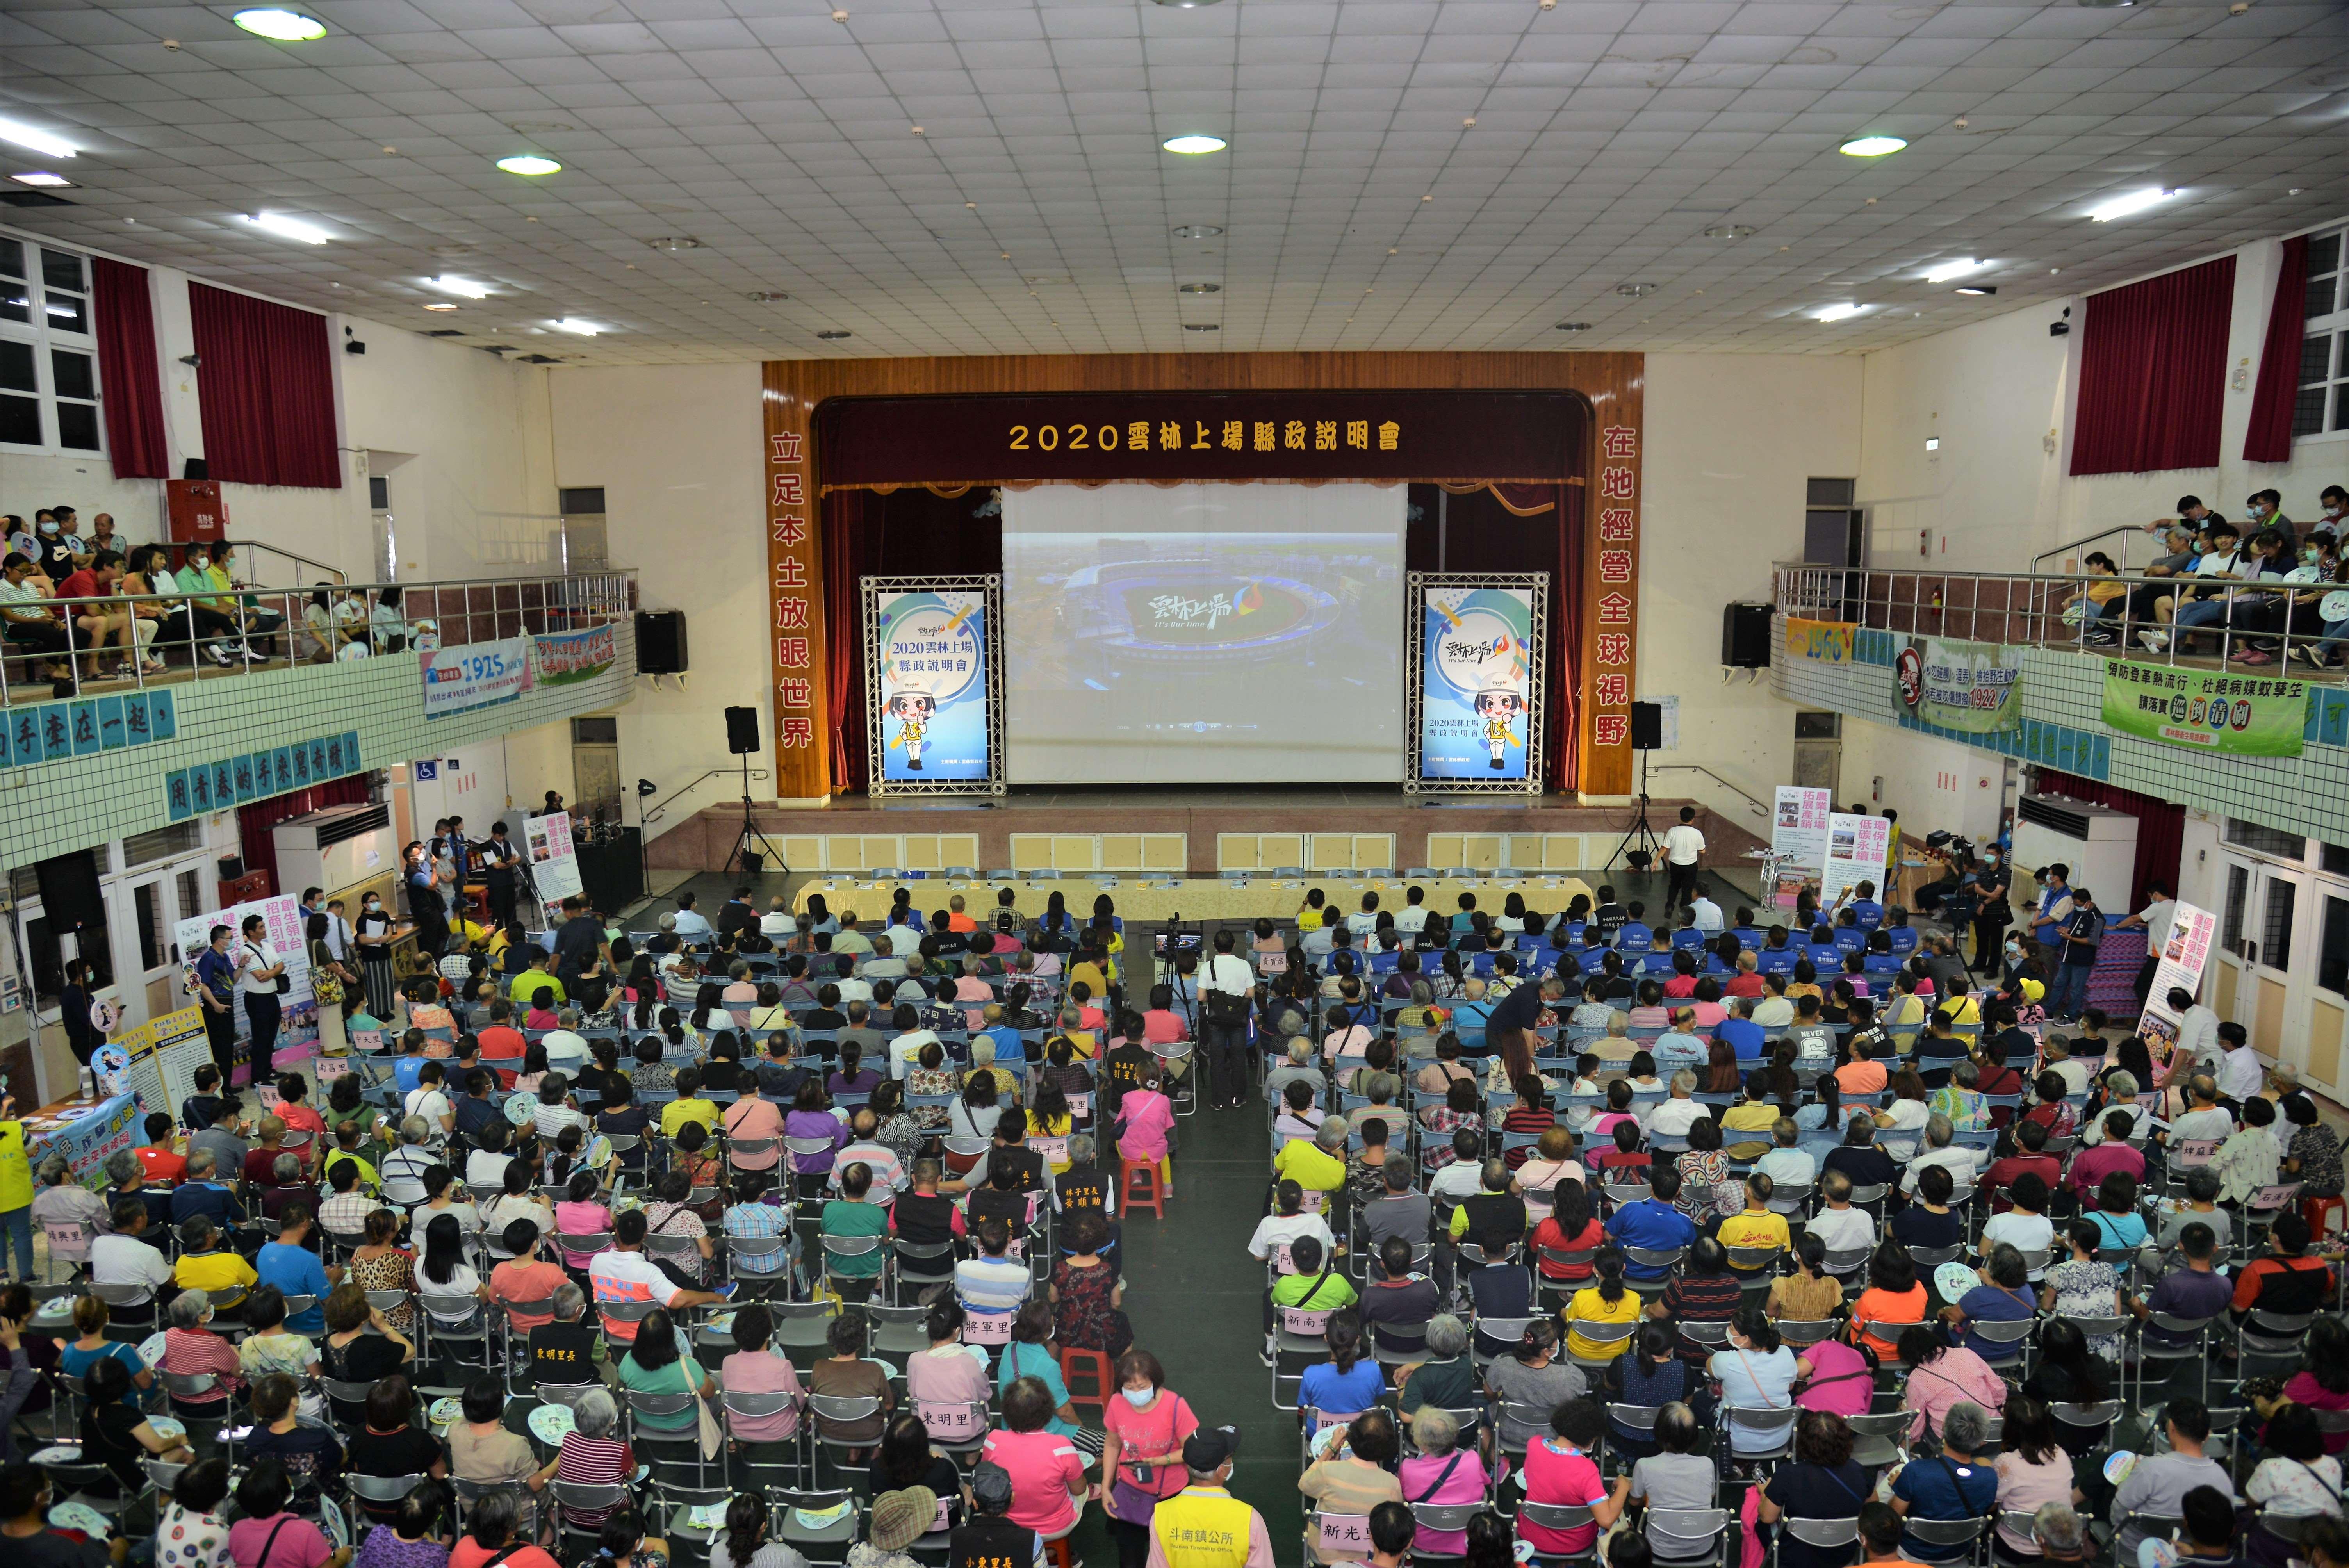 2020雲林上場首場縣政座談會,獲滿場鄉親到場參與